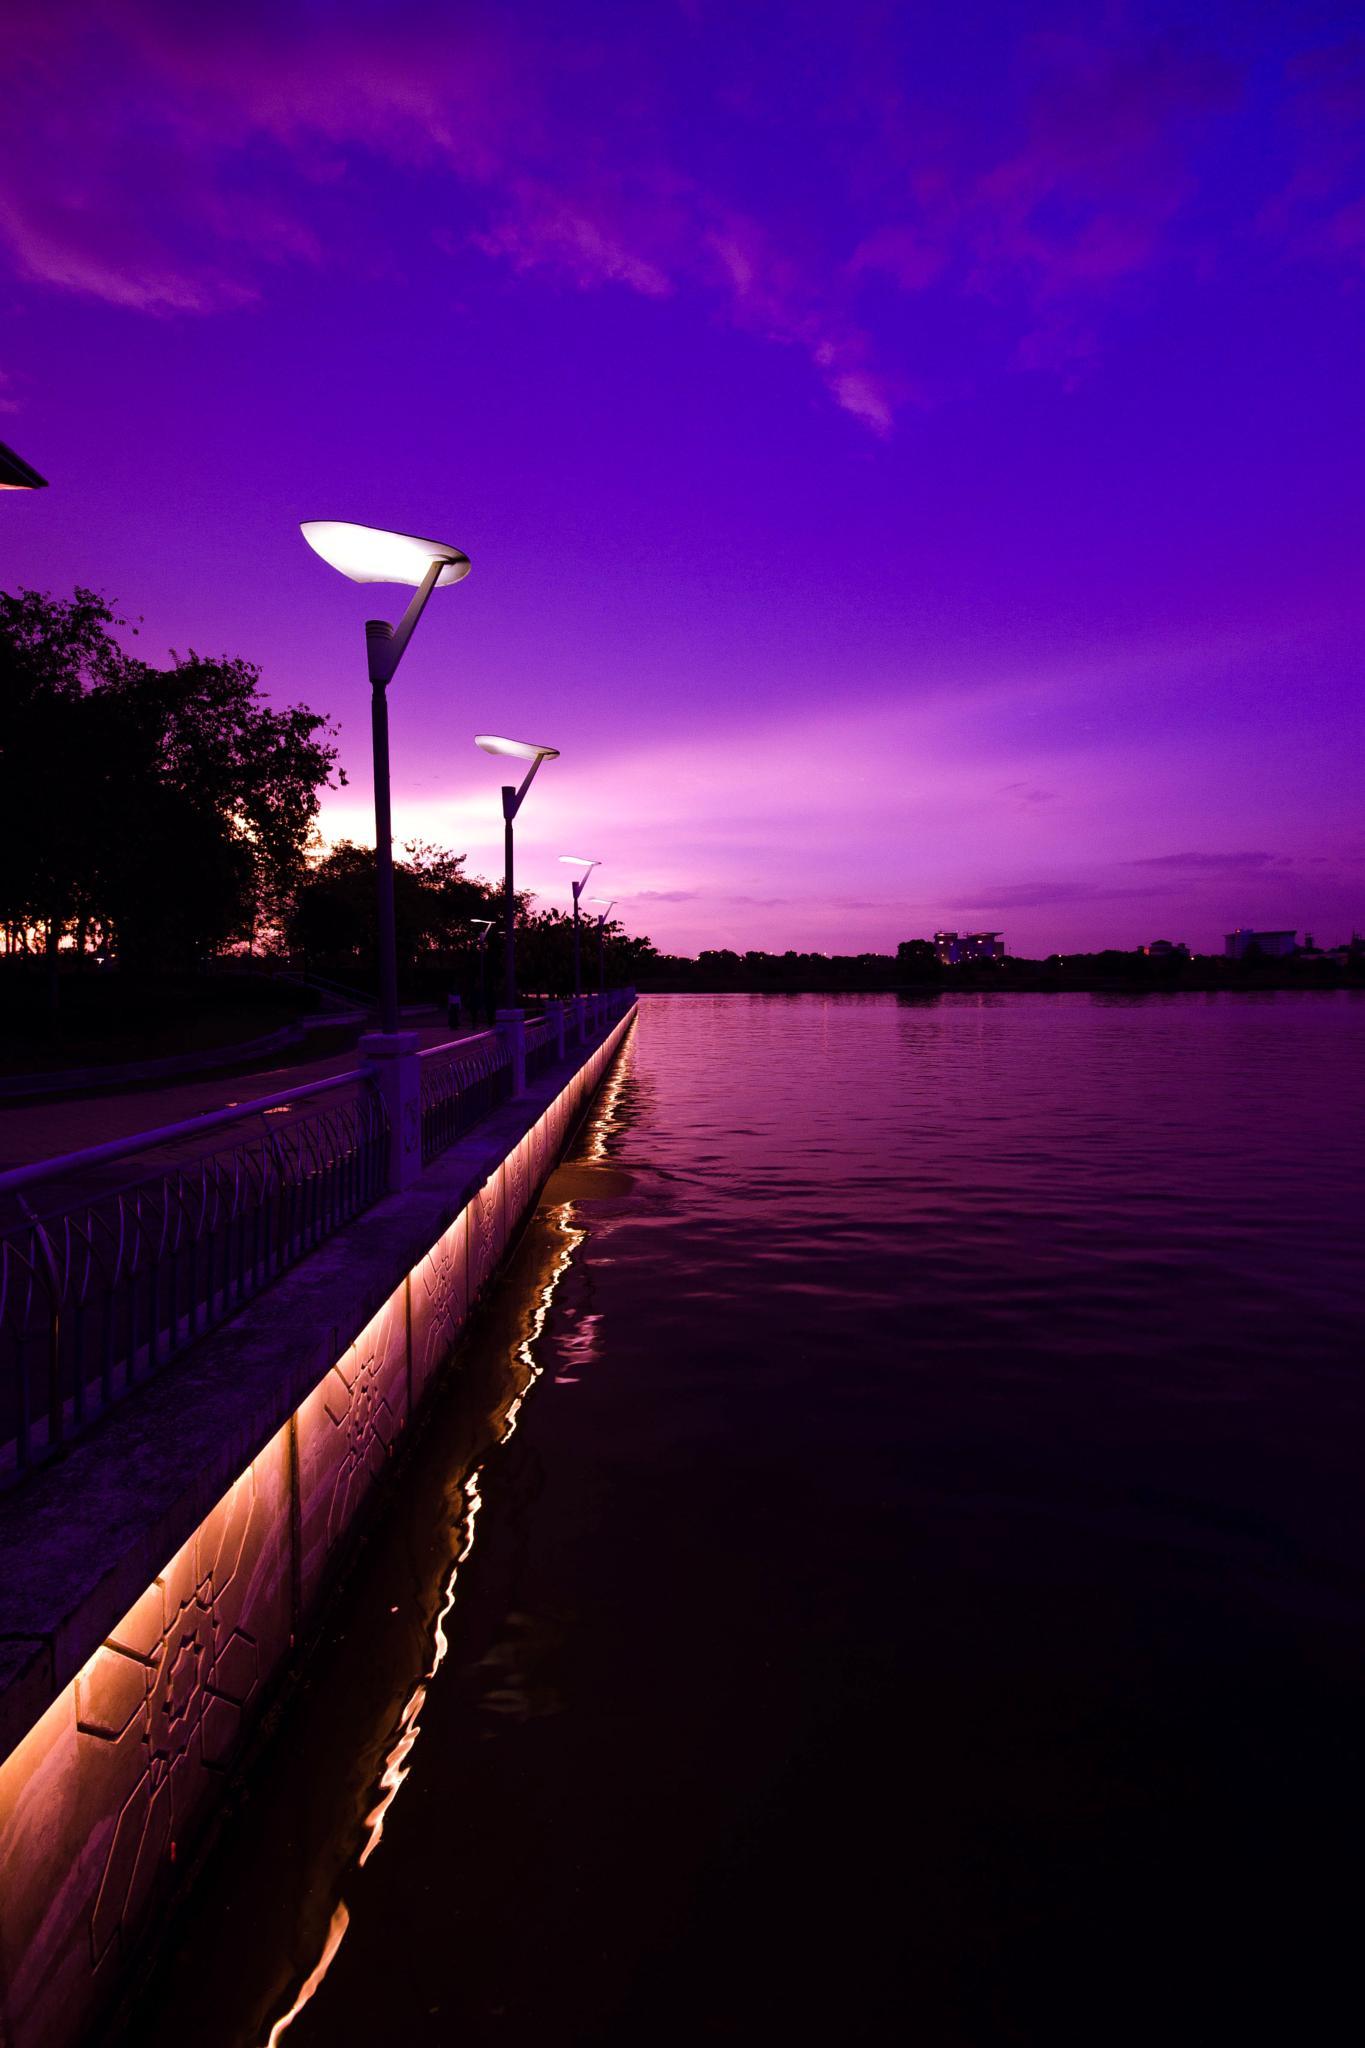 In sunset by Eden Firdaus